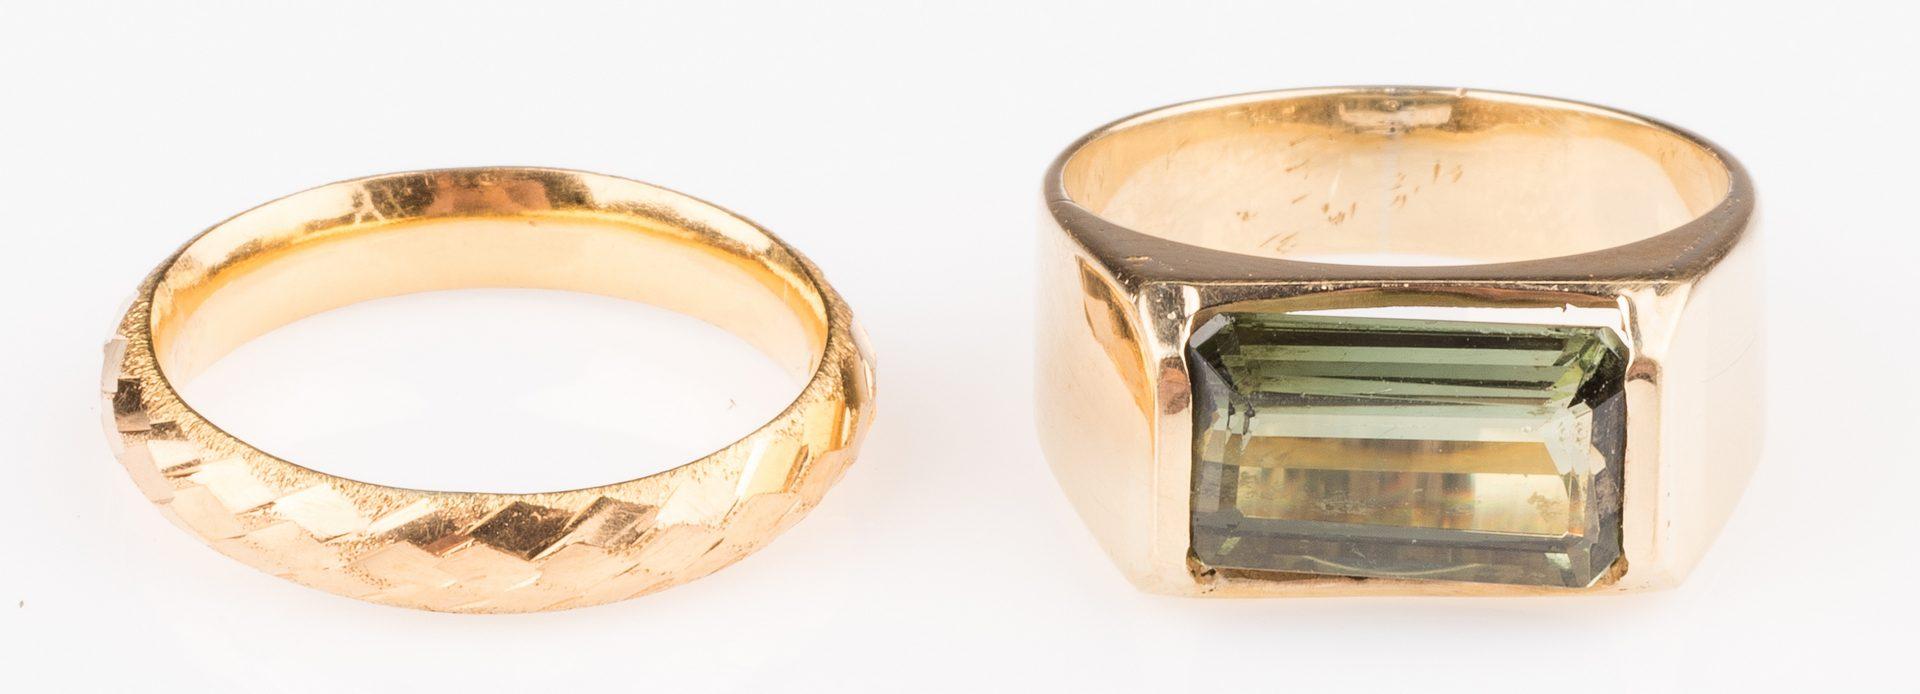 Lot 676: 18K Peridot Ring & 22K Band